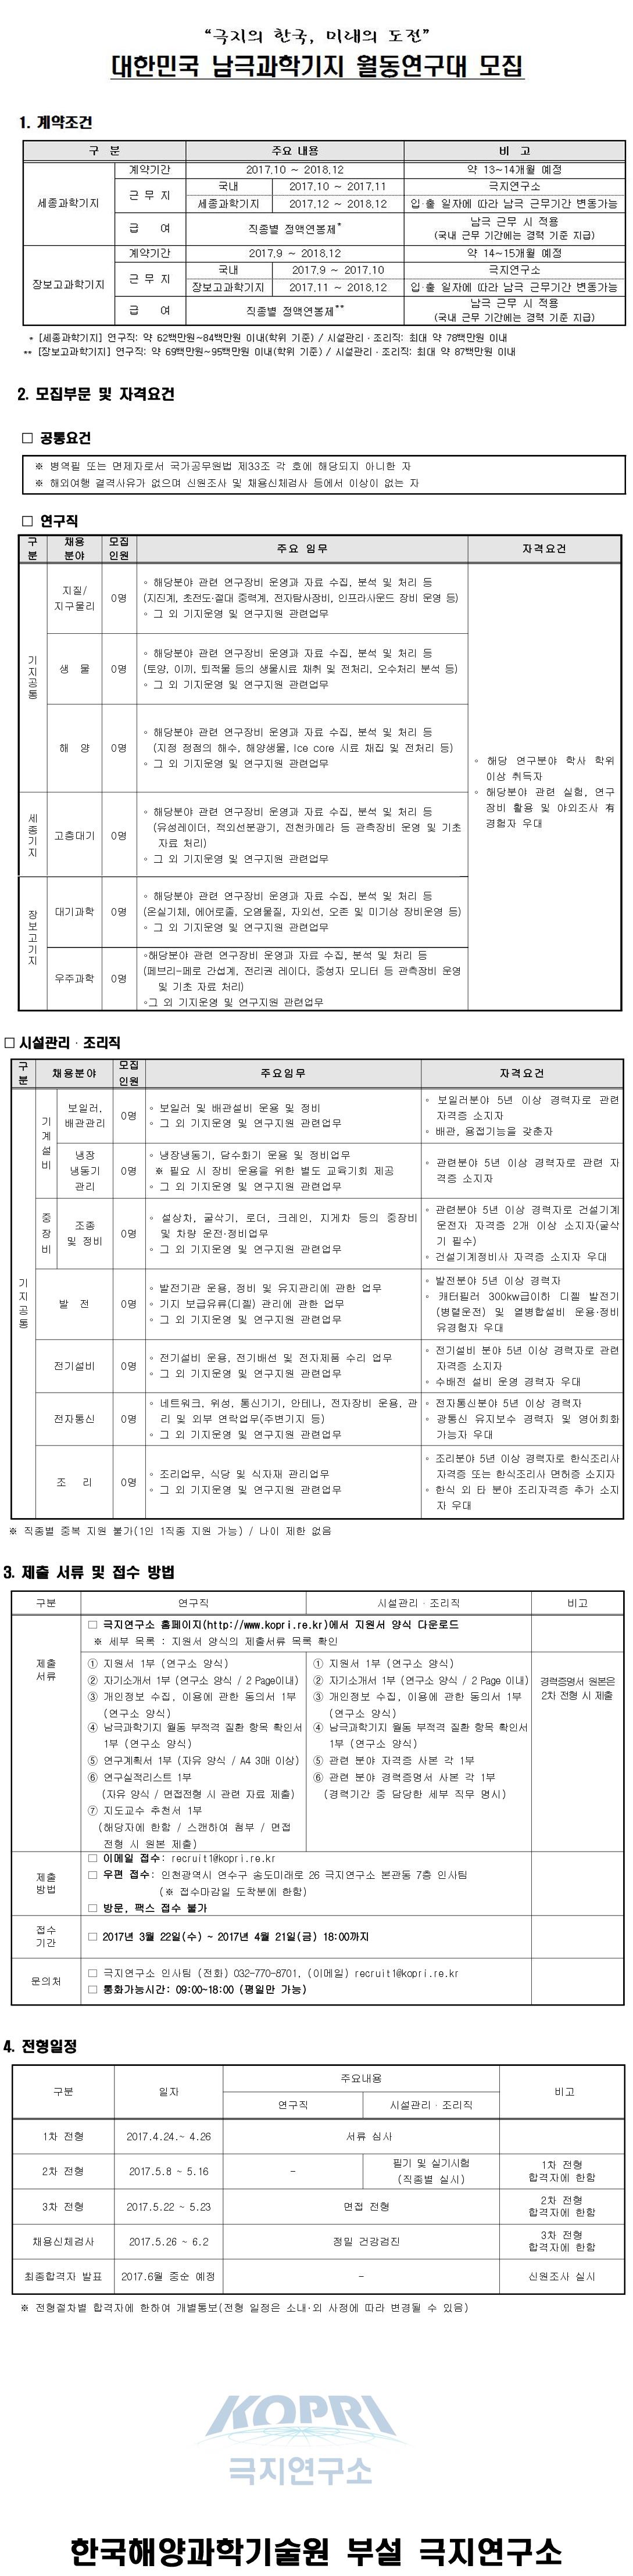 남극기지 월동연구대 모집공고2